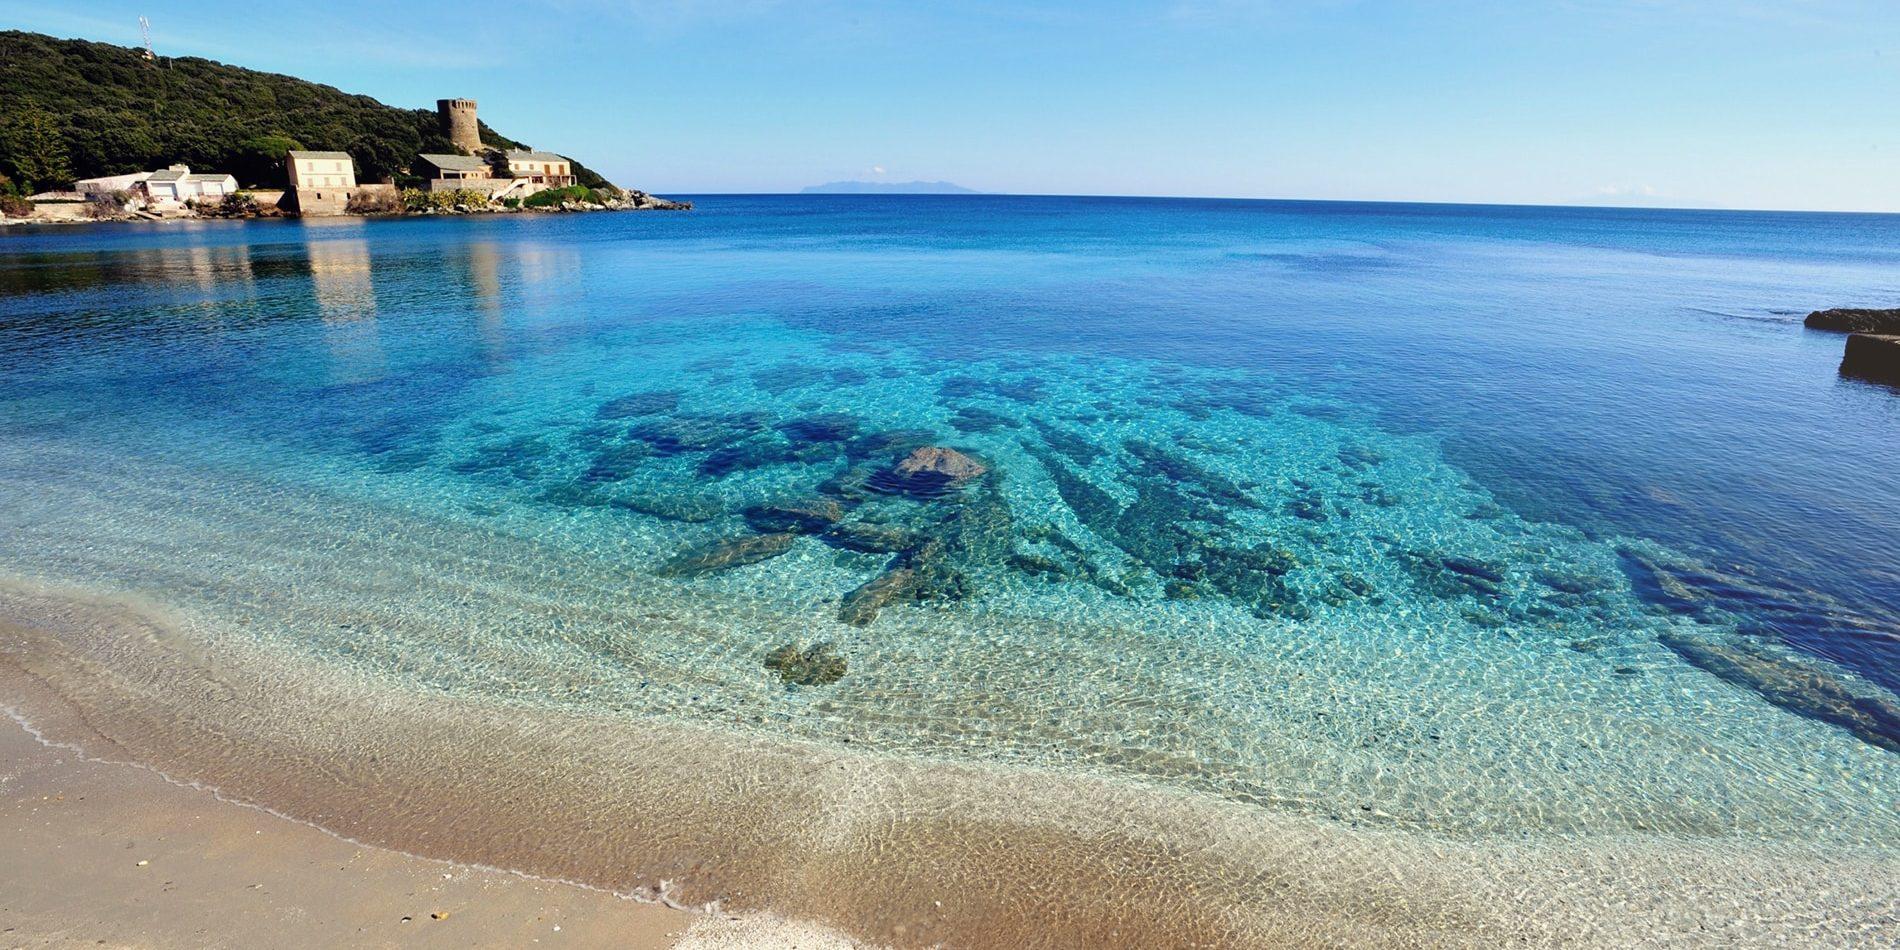 Hotel Misincu Cagnano Cap Corse Corsica Frankrijk strand zee